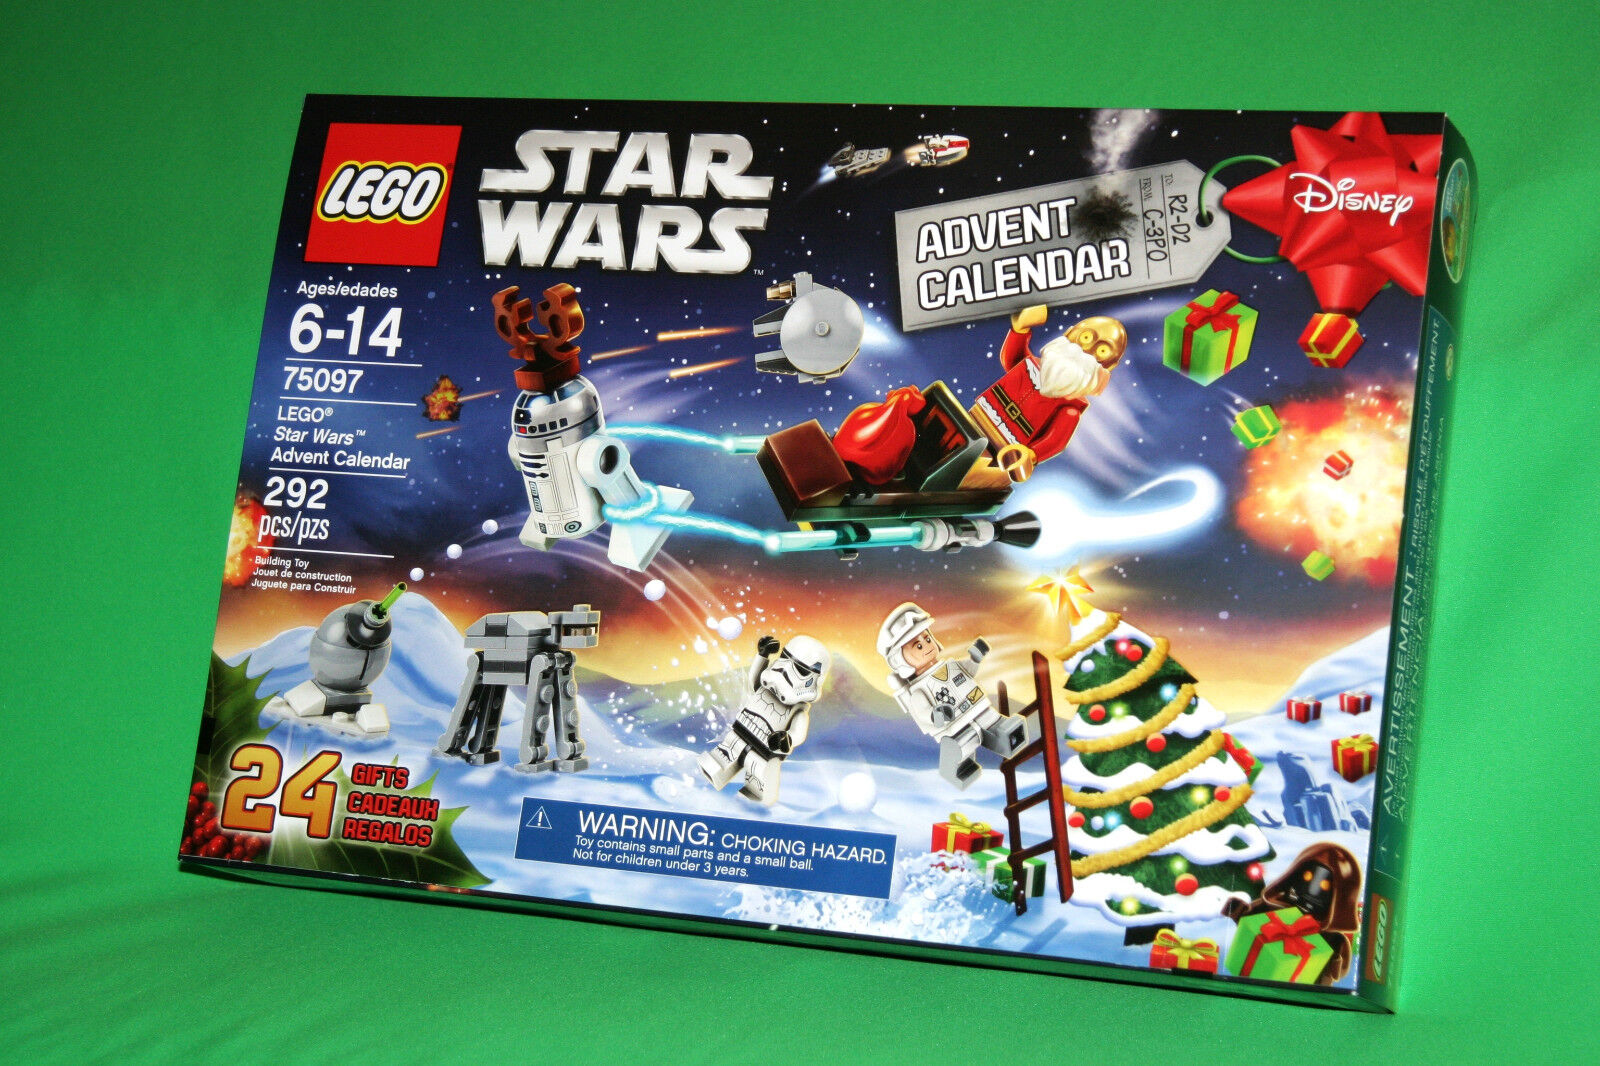 2015 Lego  estrella guerras Advent Calendar 75097 BNIB gratuito Shipping + C-3PO Poly  alla moda